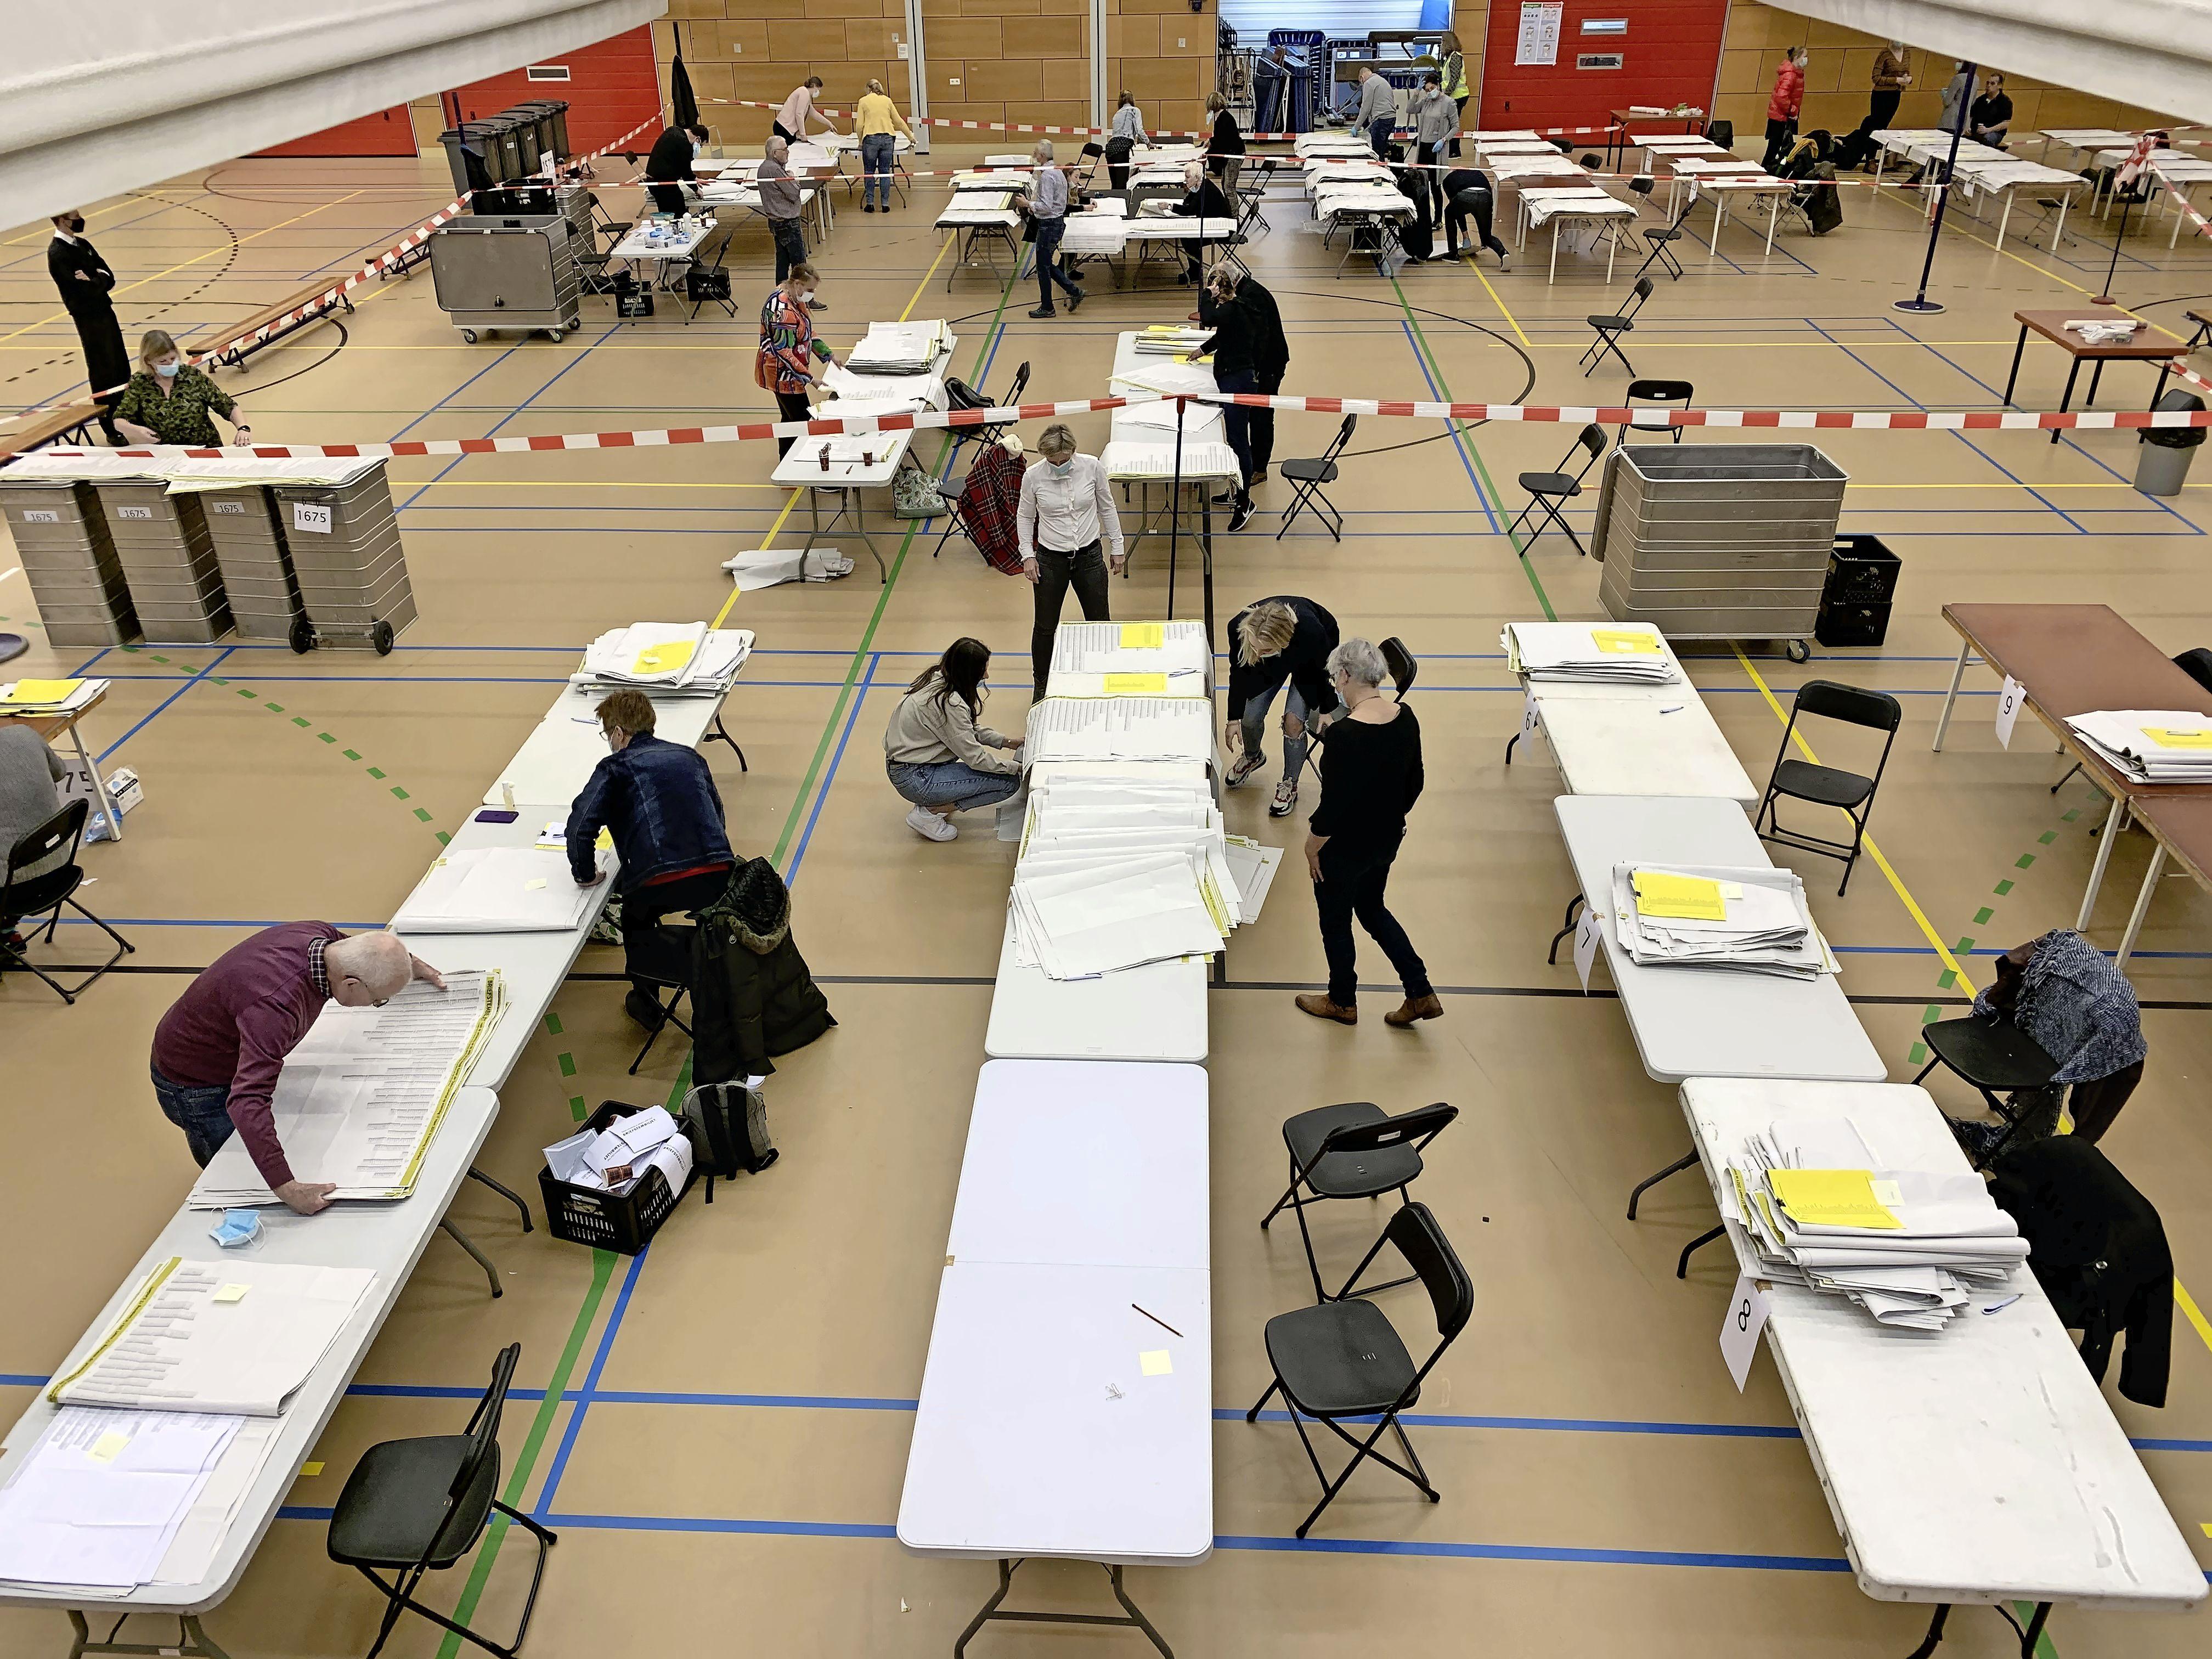 Stemmen tellen is al begonnen in de Limeshal in Alphen aan den Rijn: 'Door coronavoorschriften is het veel geordender dan anders'